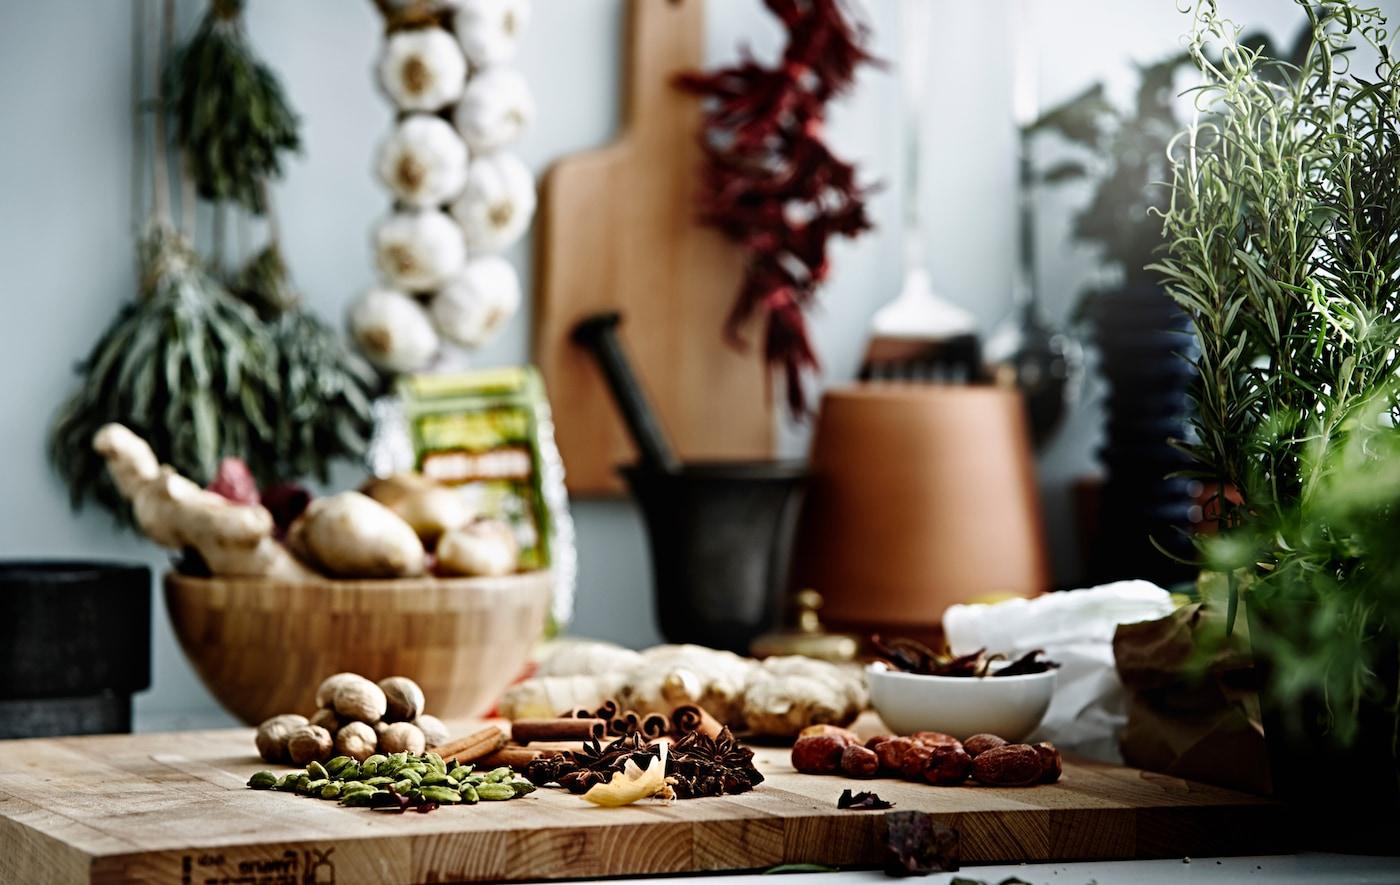 Ne cuisinez plus jamais avec des arômes insipides ! Il suffit d'un brin d'organisation et de quelques bons conseils pour permettre à vos herbes et épices de s'exprimer pleinement.